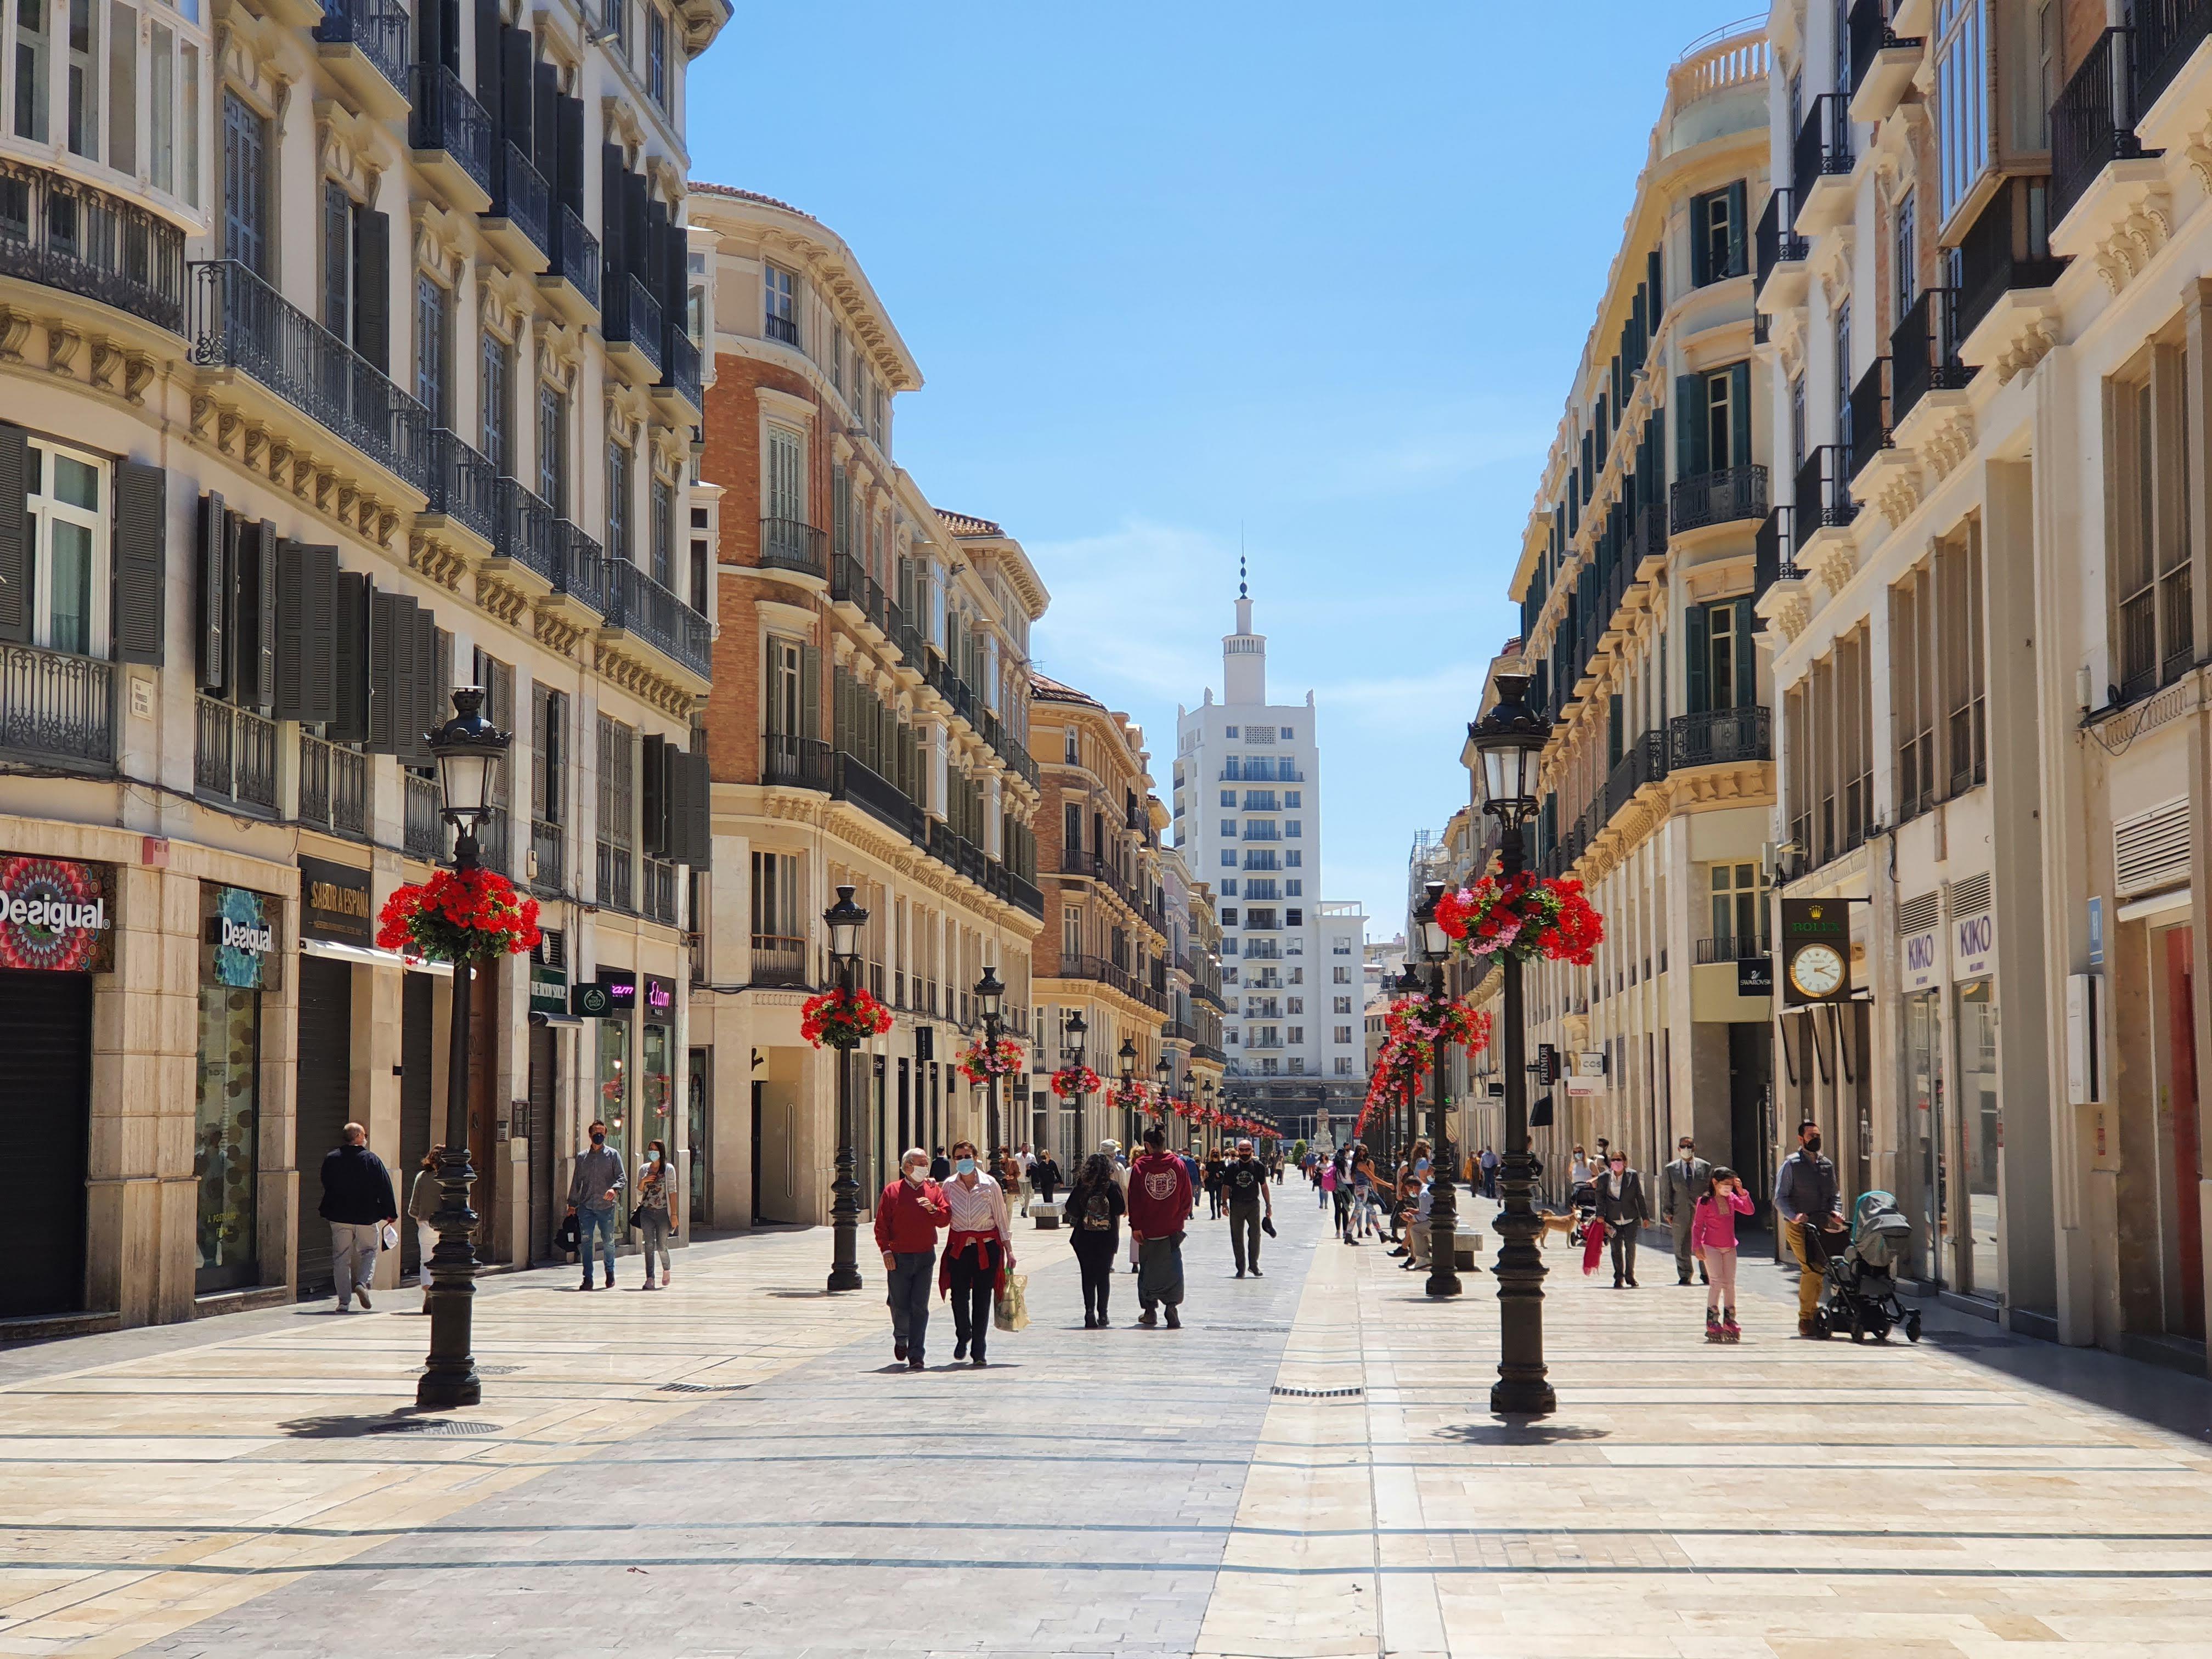 Visita-Malaga-Monumental-con-entradas-3